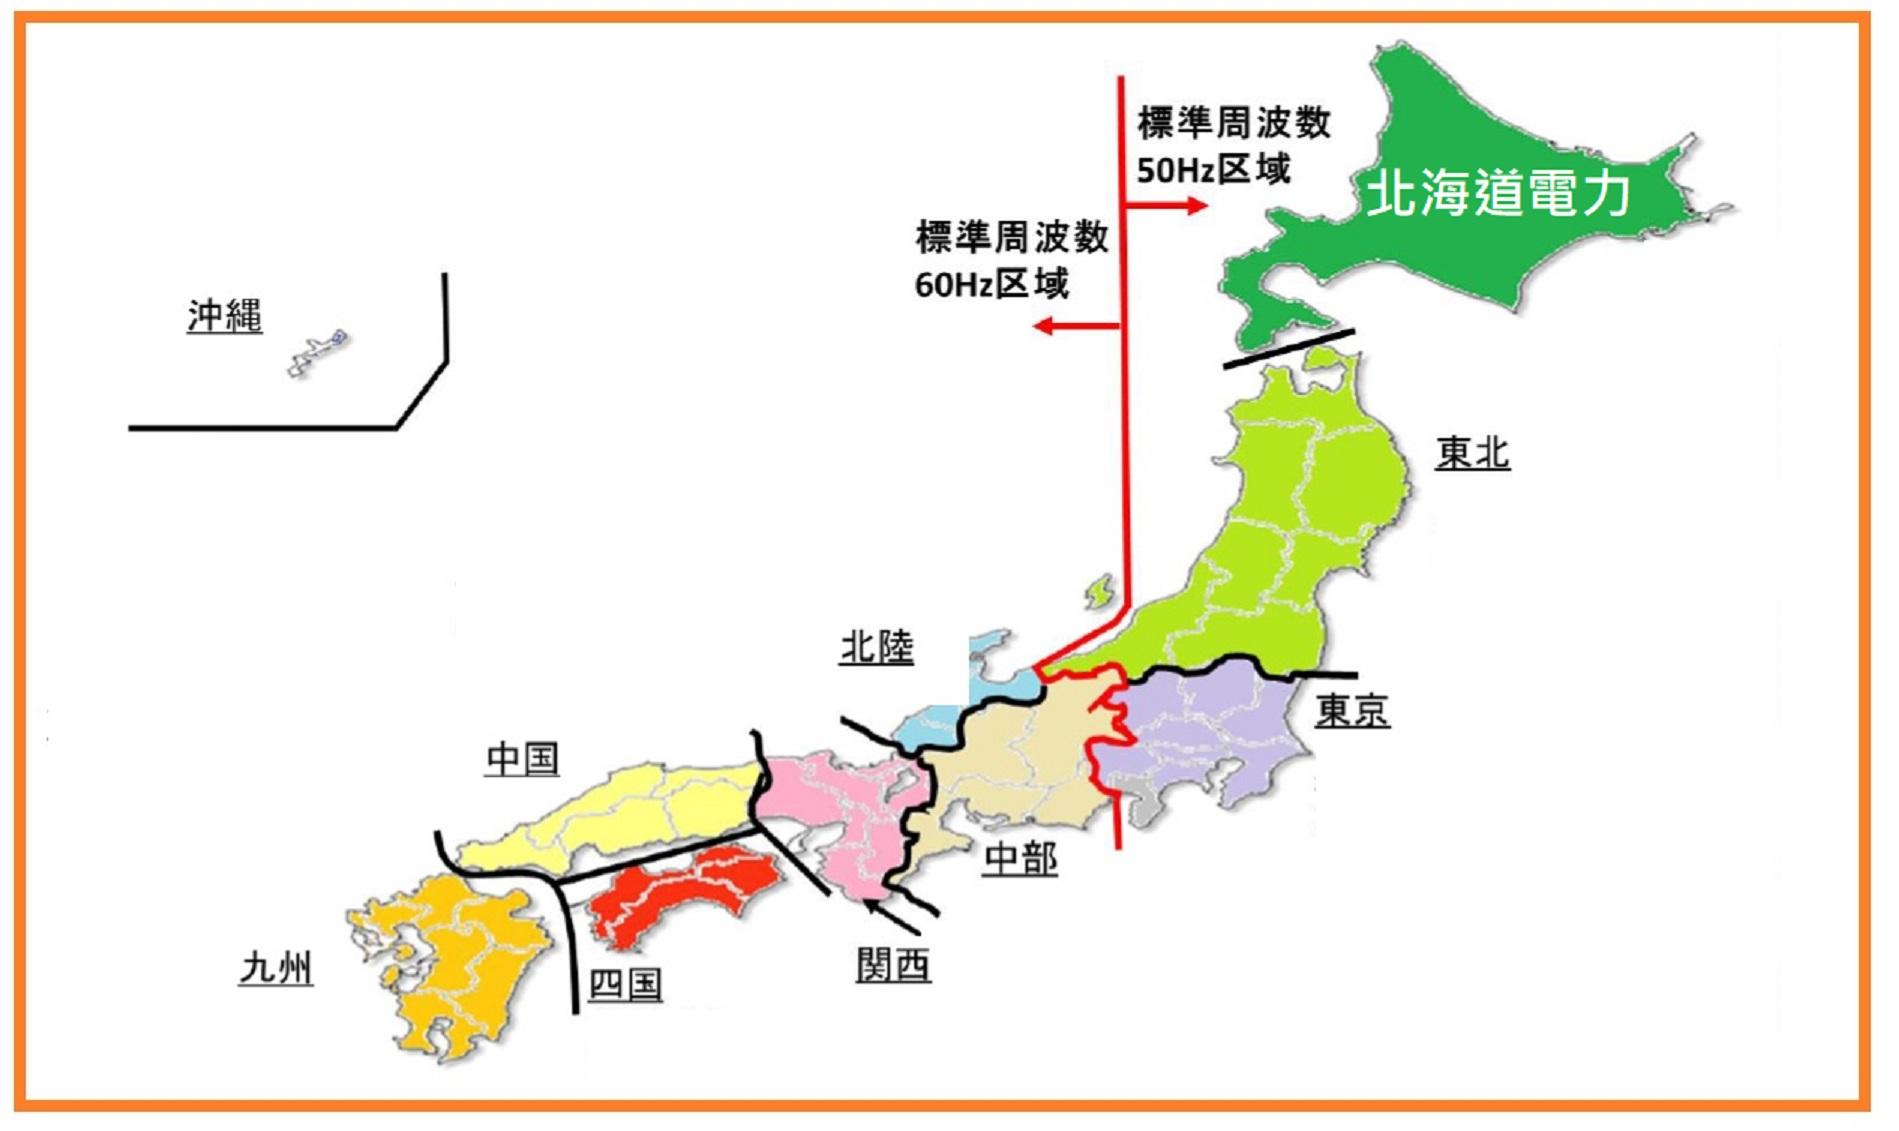 簡介2018/9/6日本北海道膽振東部地震伴生之大停電事故 | Gordoncheng's 2nd Blog